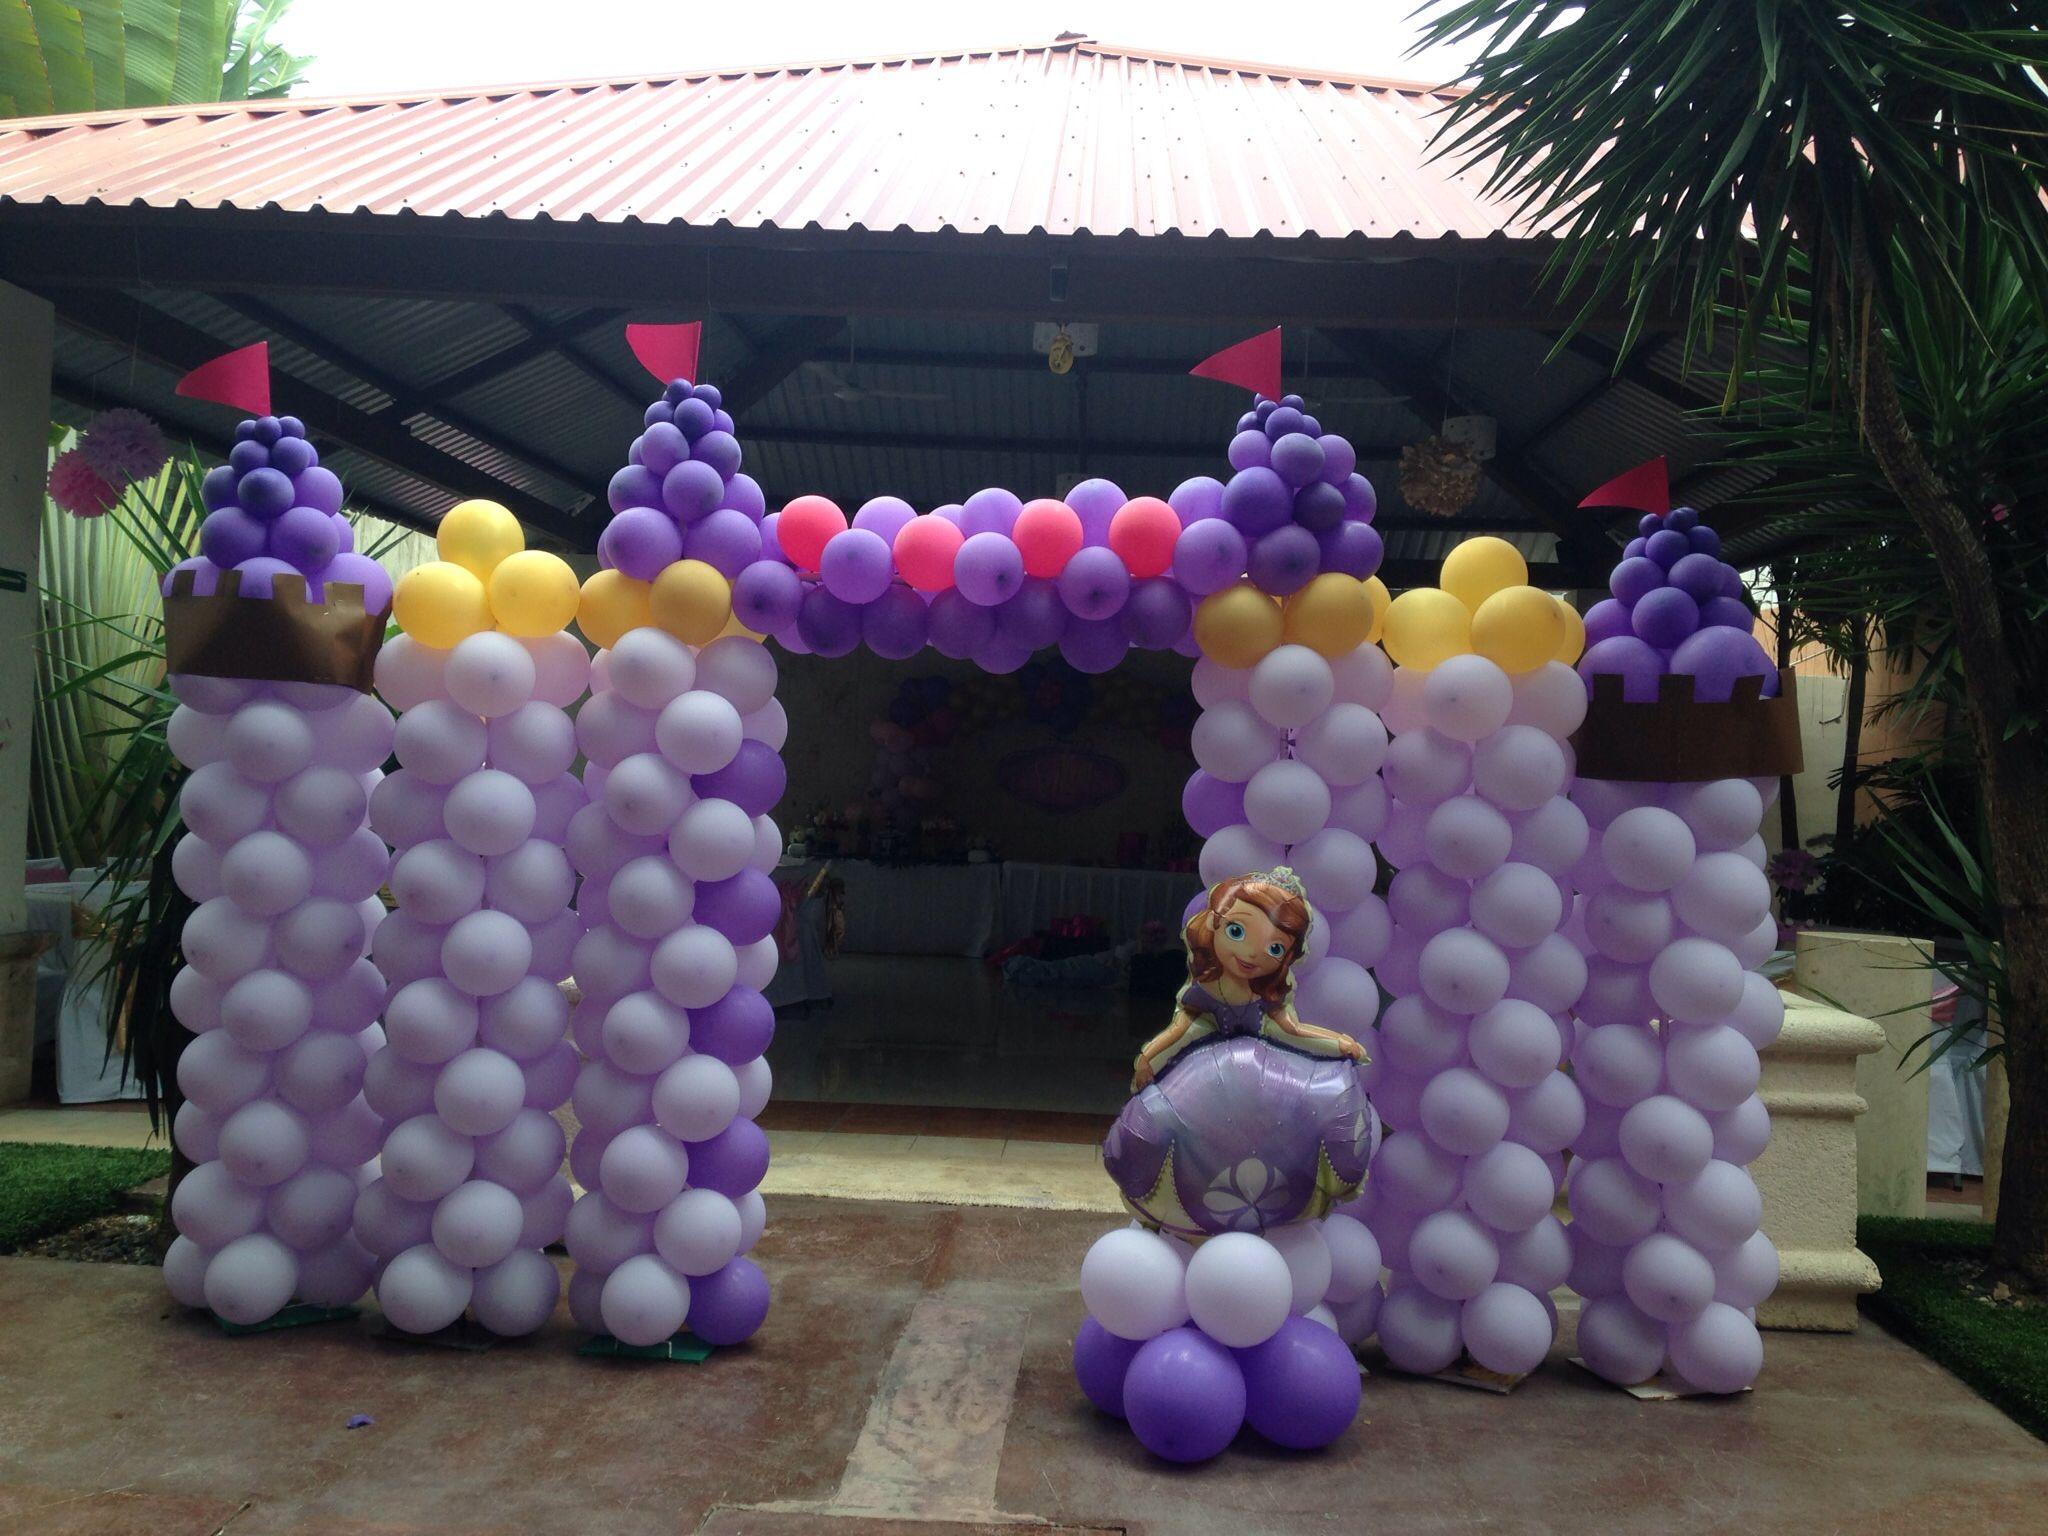 Princesita sof a castillo de globos decoraci n para - Decoracion de globos ...